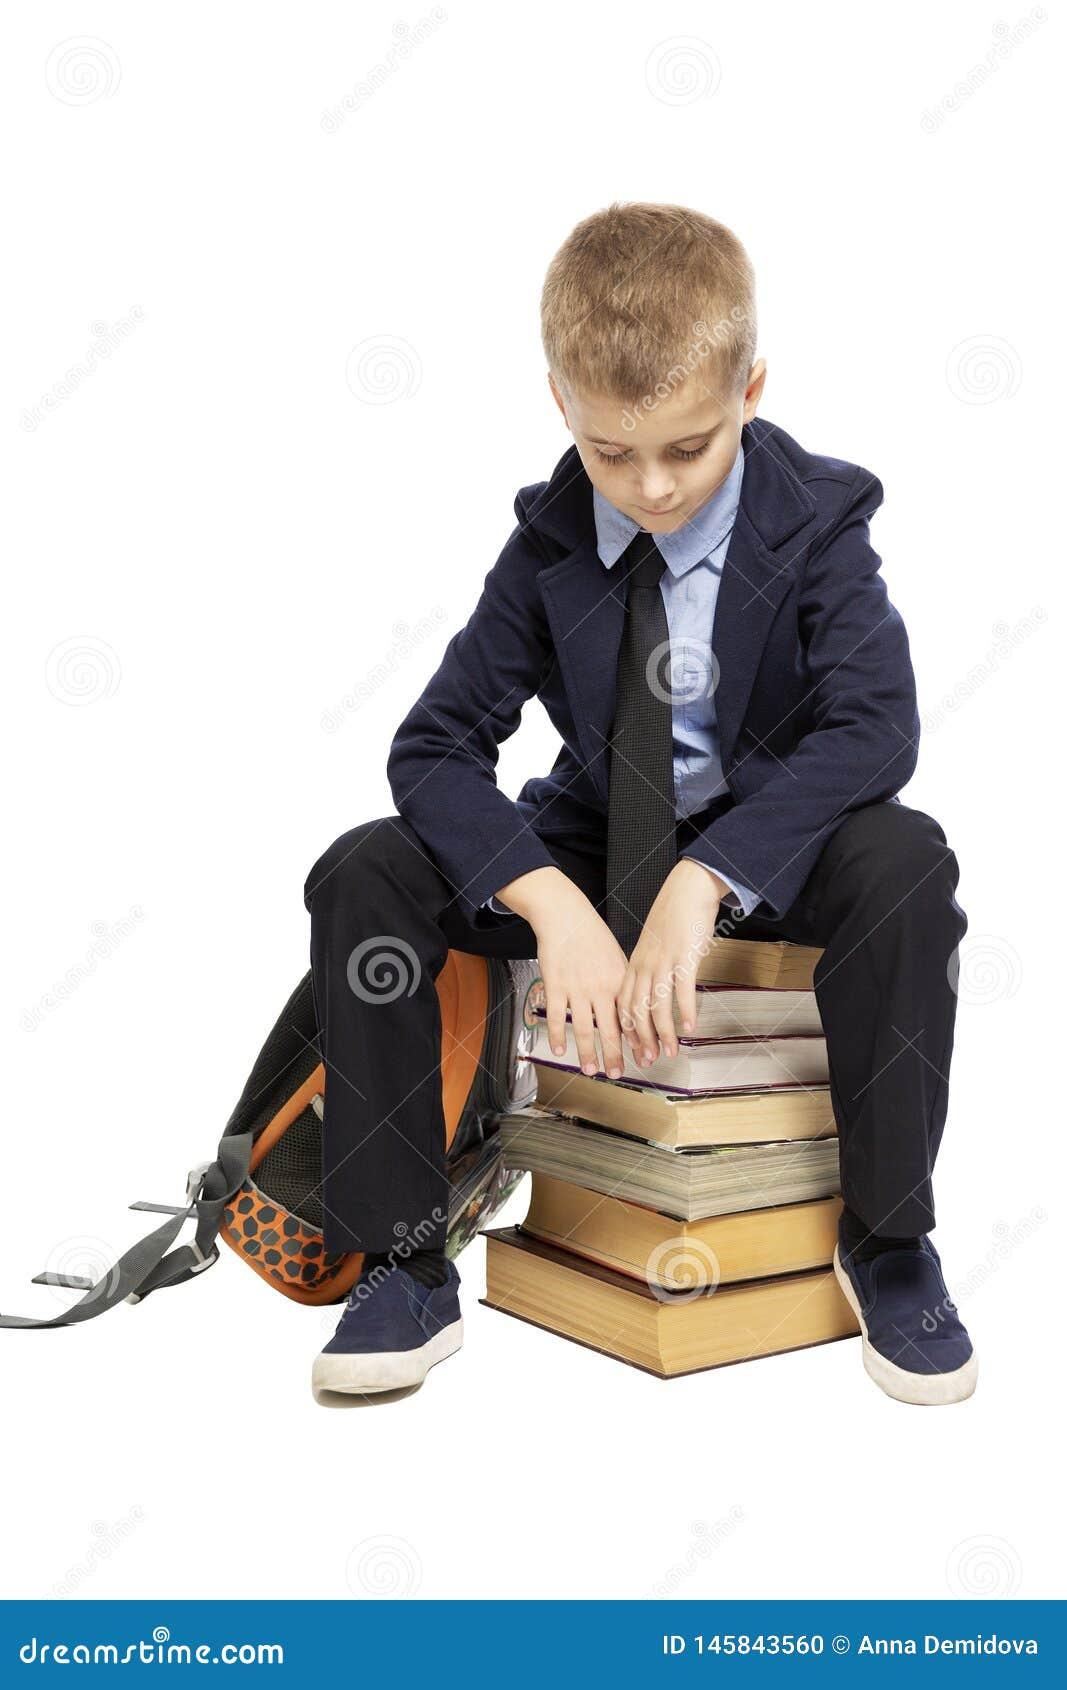 Trauriger Sch?ler in einer Klage, die auf einem Stapel von B?chern, Kopf gebeugt sitzt Getrennt auf einem wei?en Hintergrund